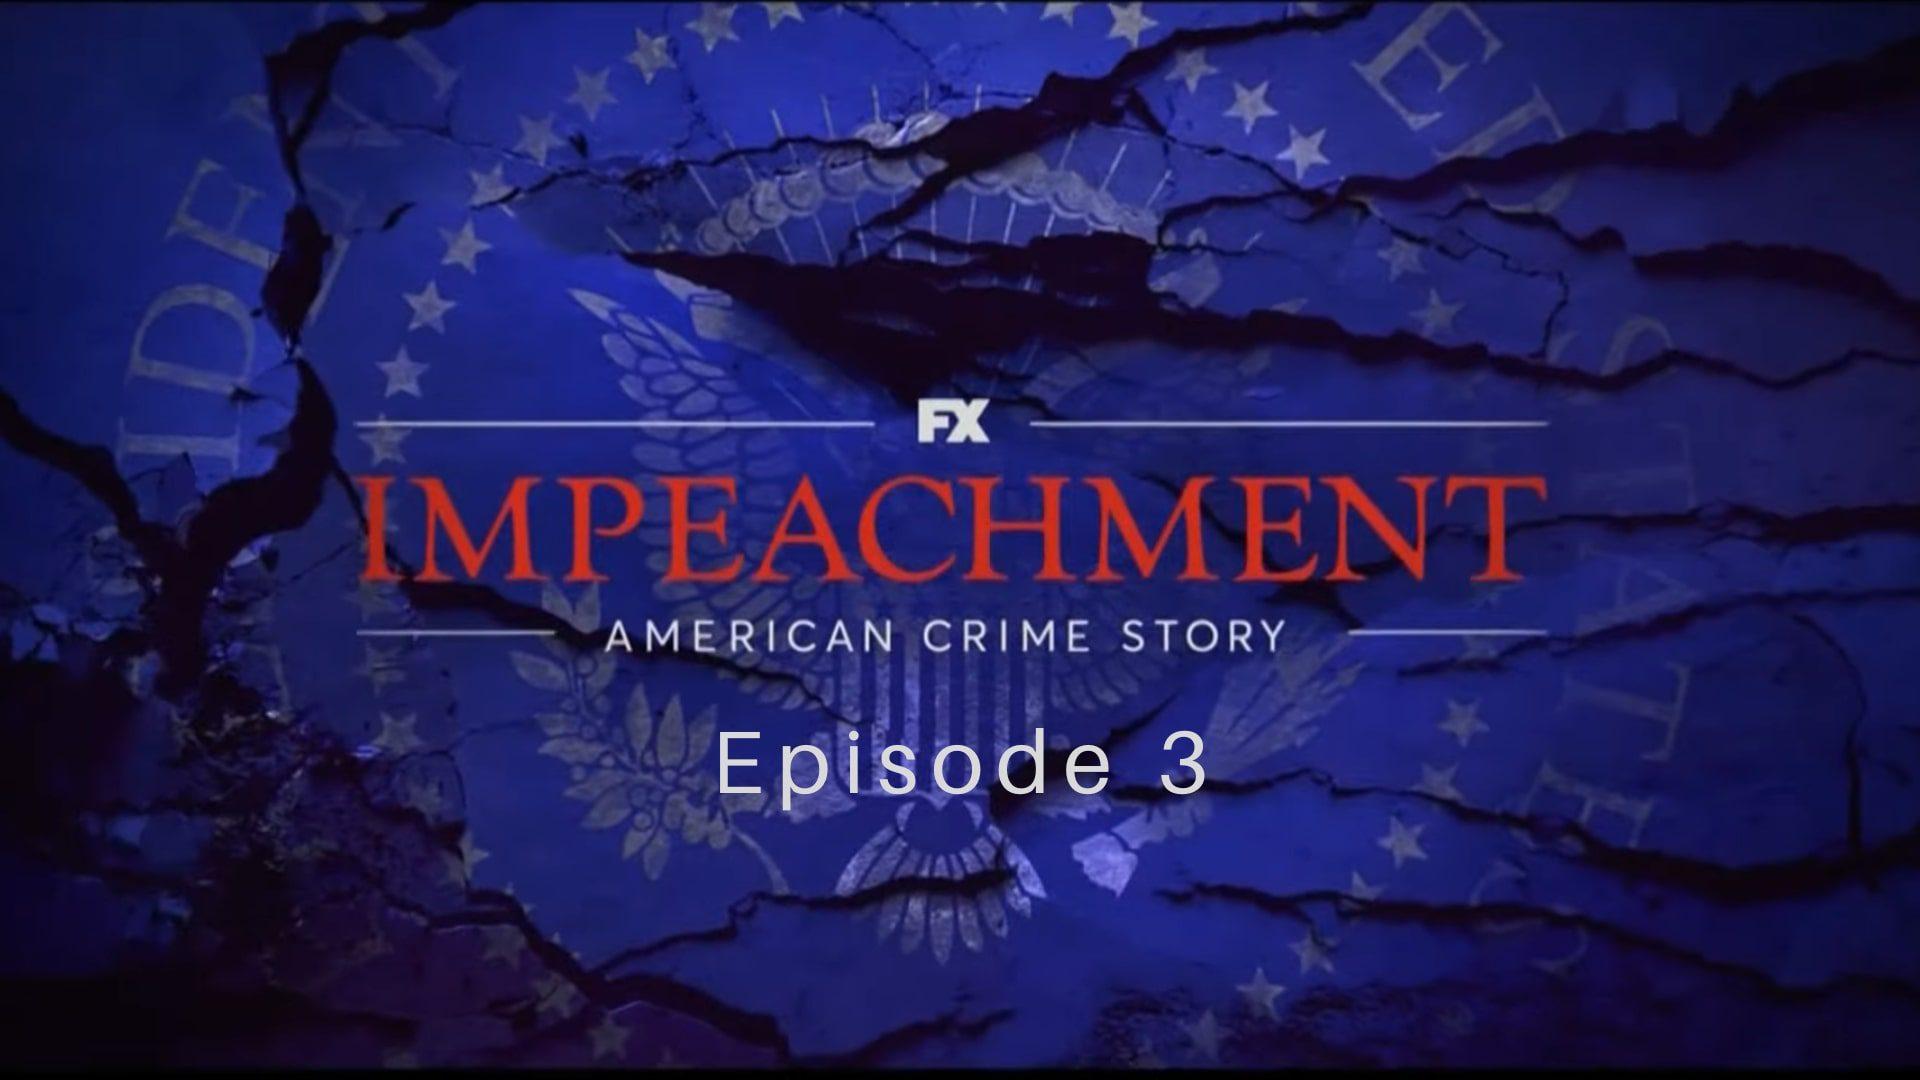 American Crime Story Season 3 Episode 3